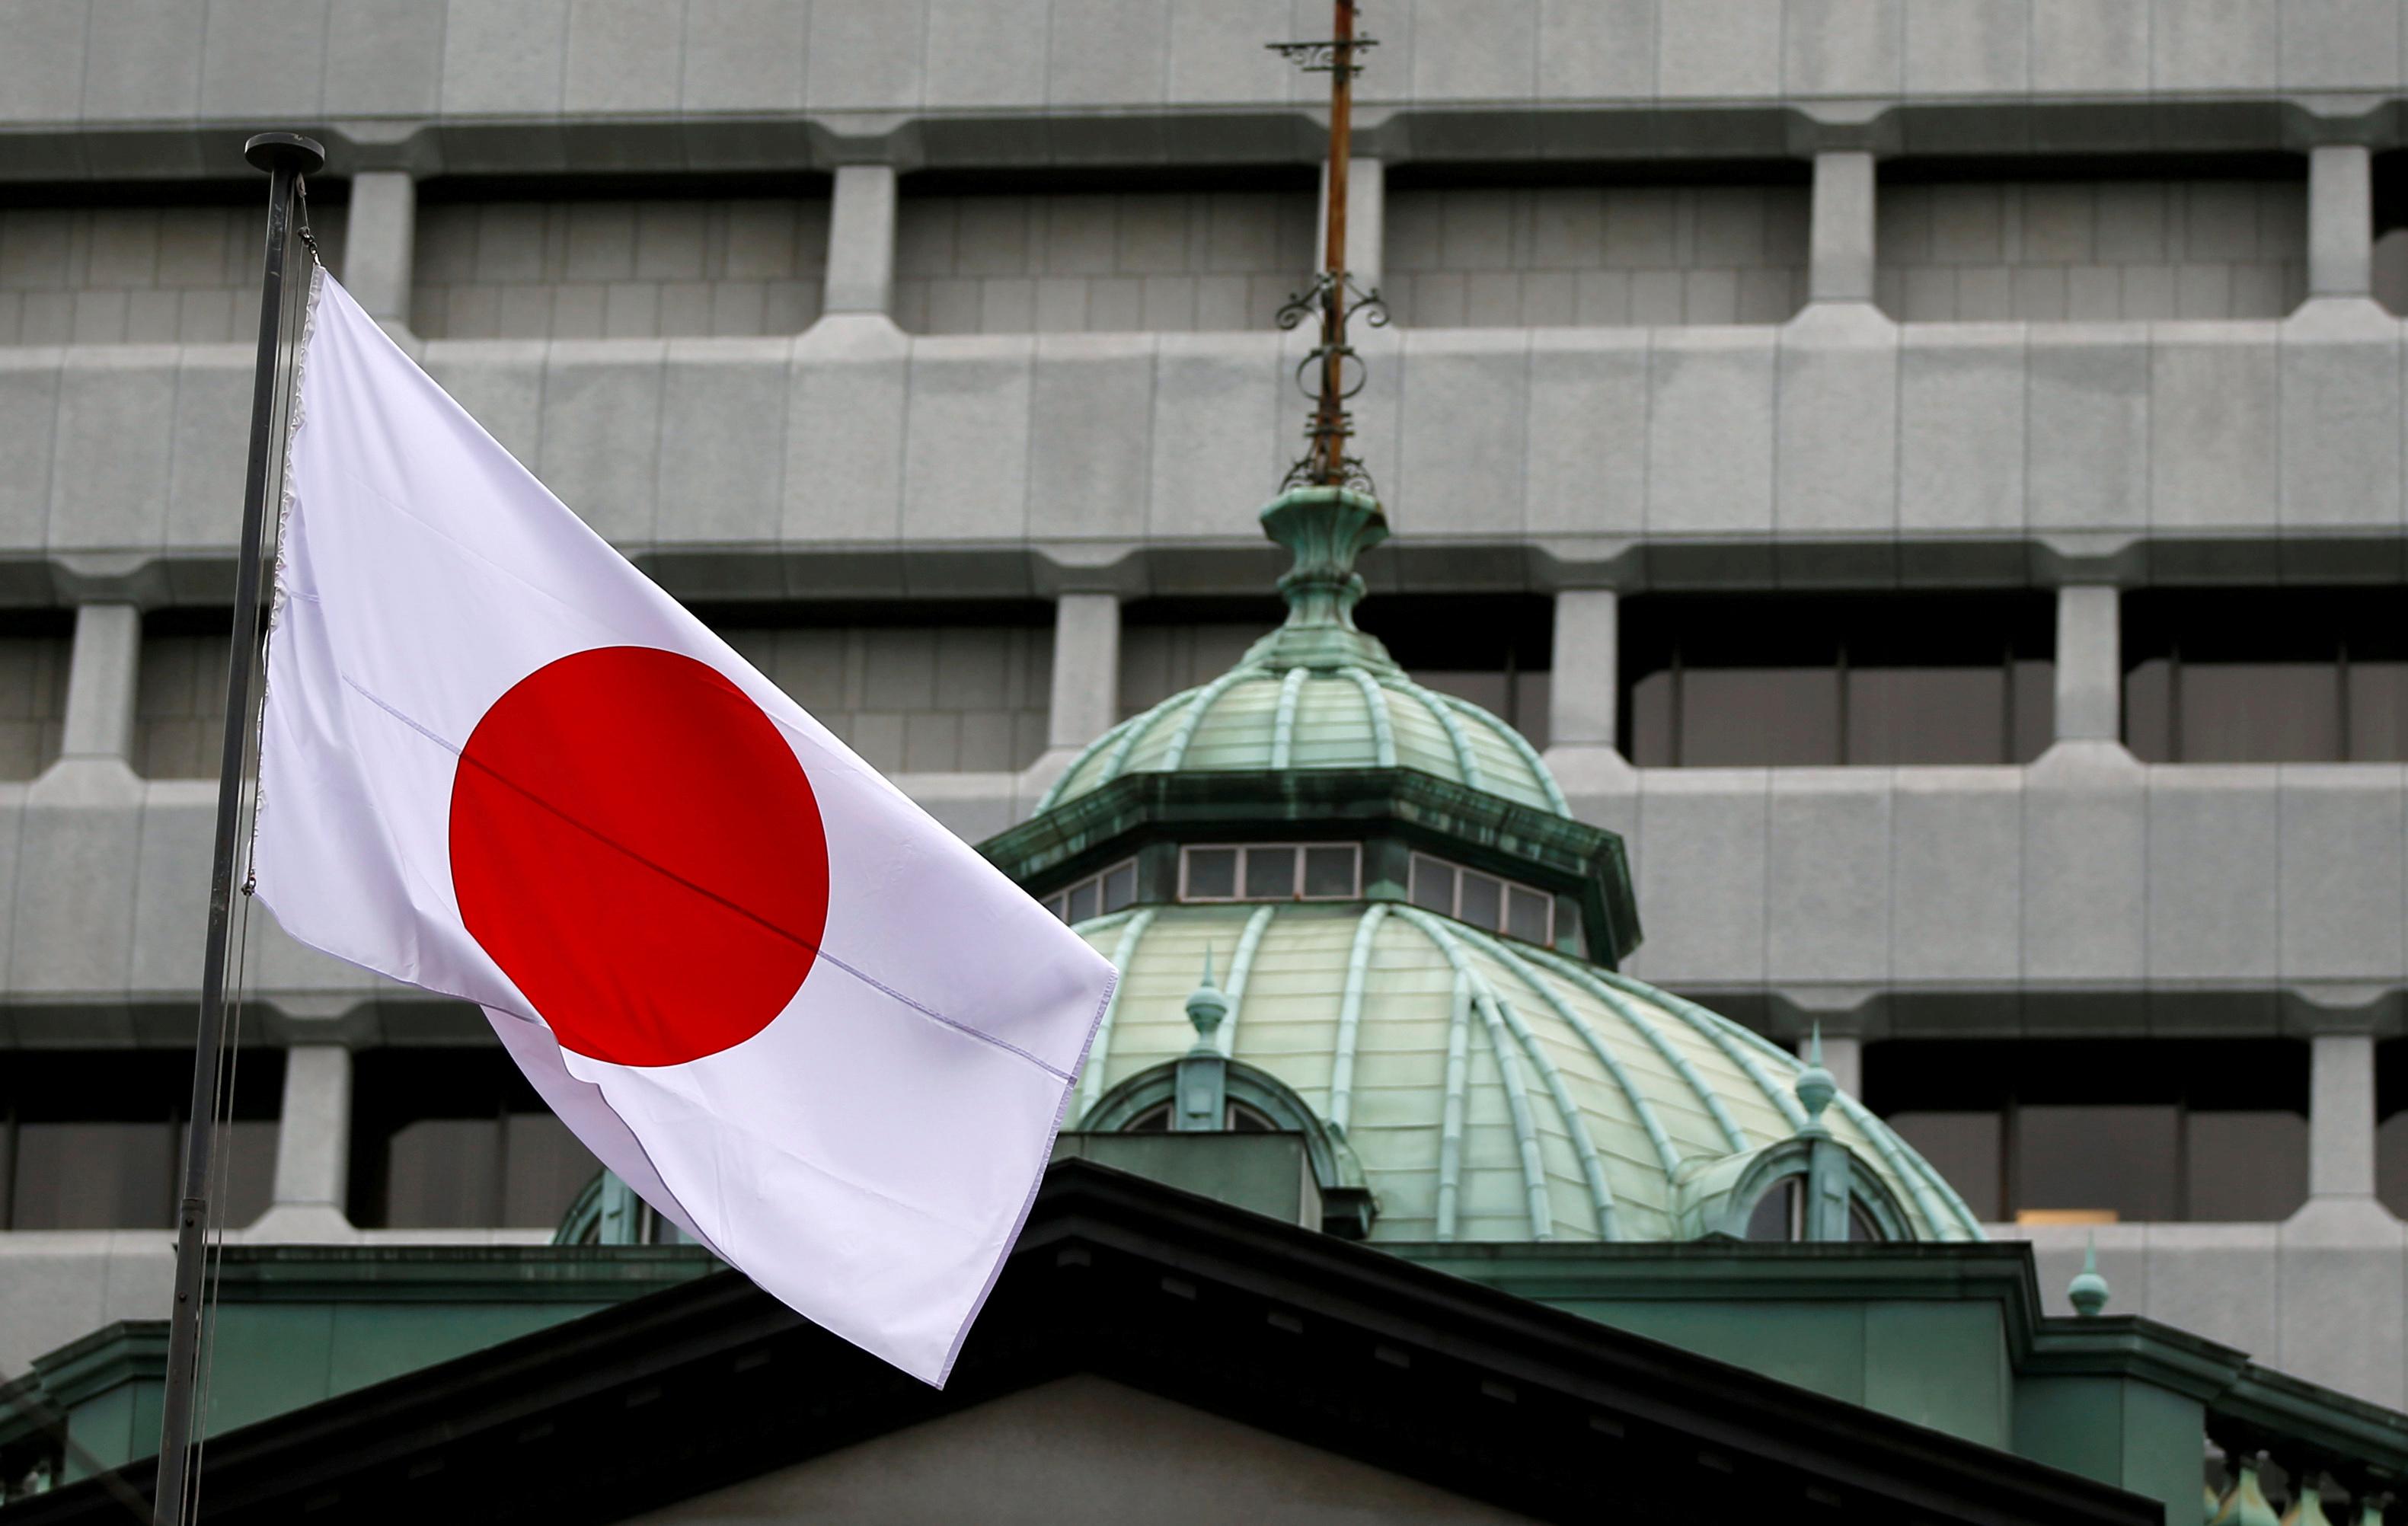 banque-du-japon